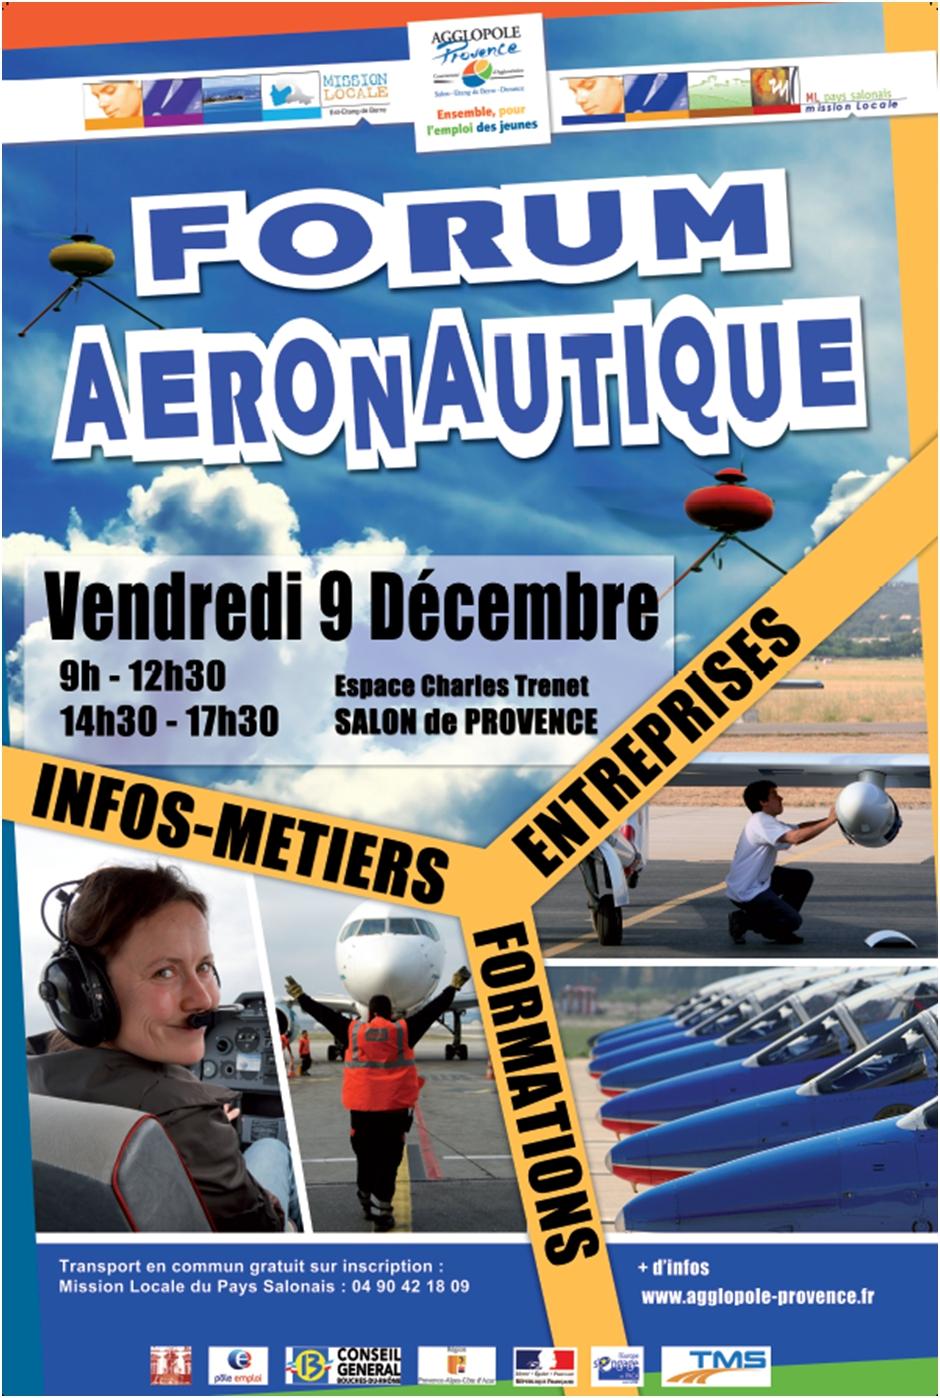 Mission locale est etang de berre forum aeronautique 9 for Escort girl salon de pce